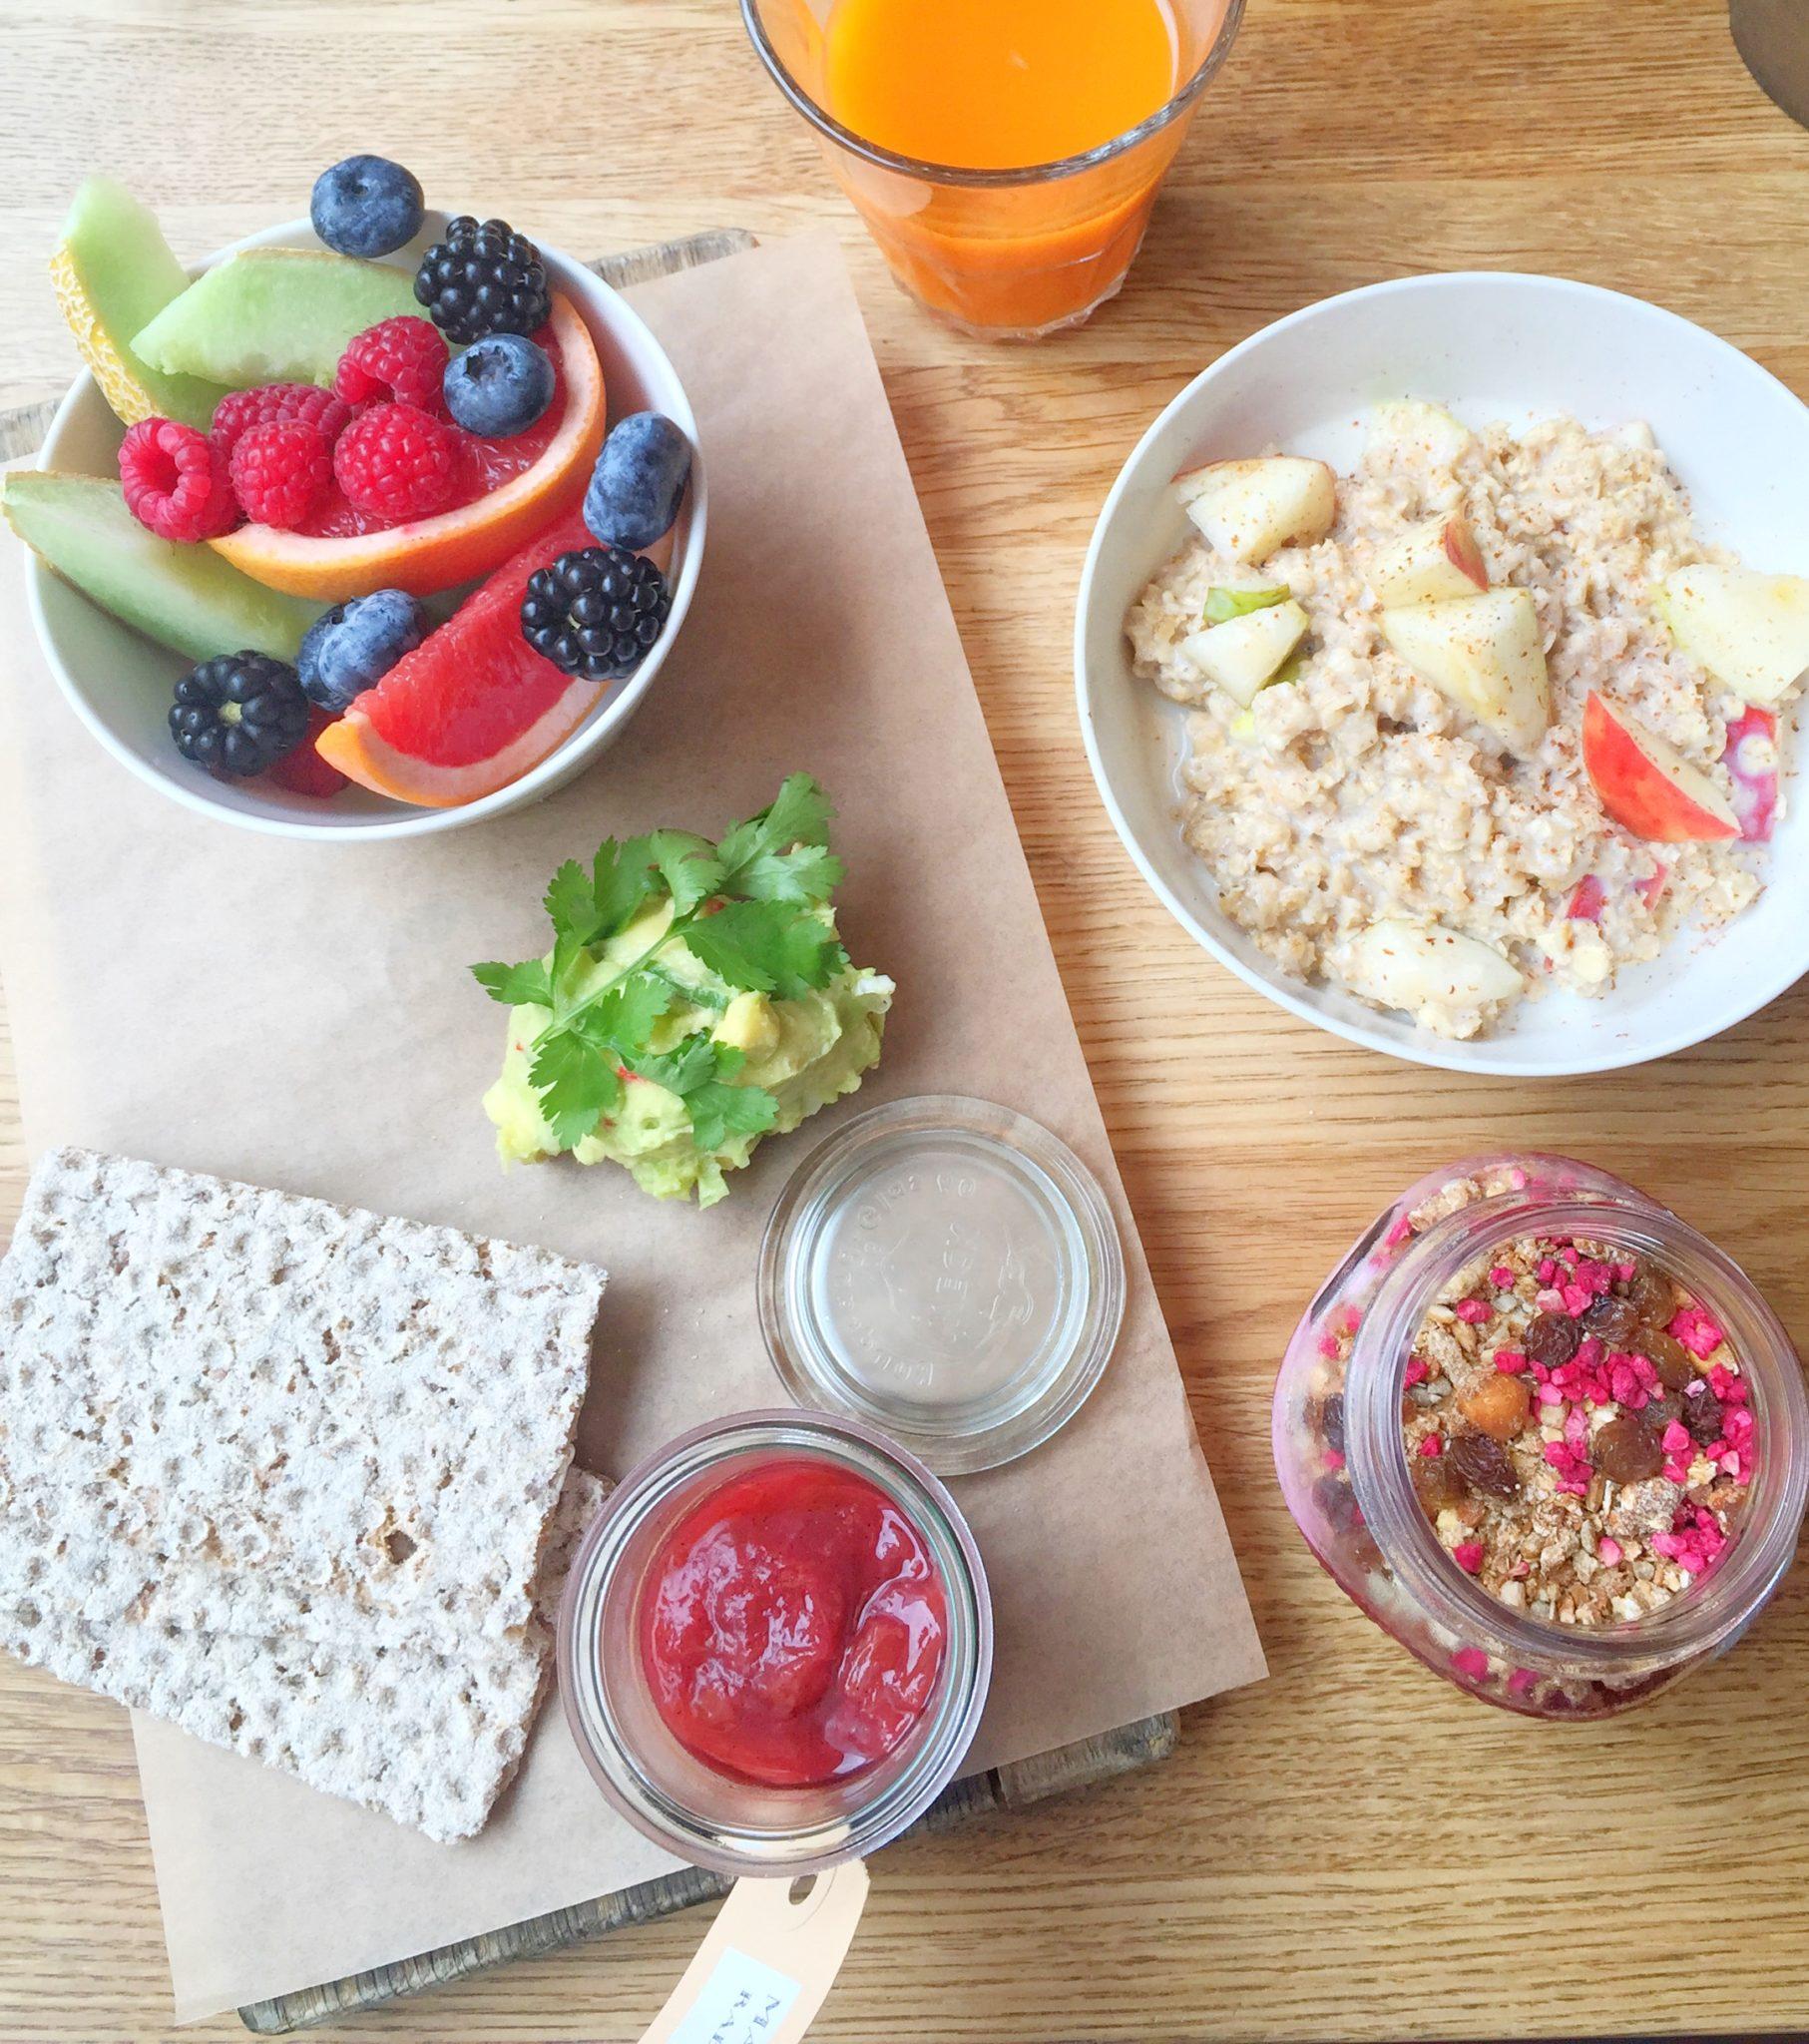 Frugt, avokado, grød og juice hos Bistro Royal